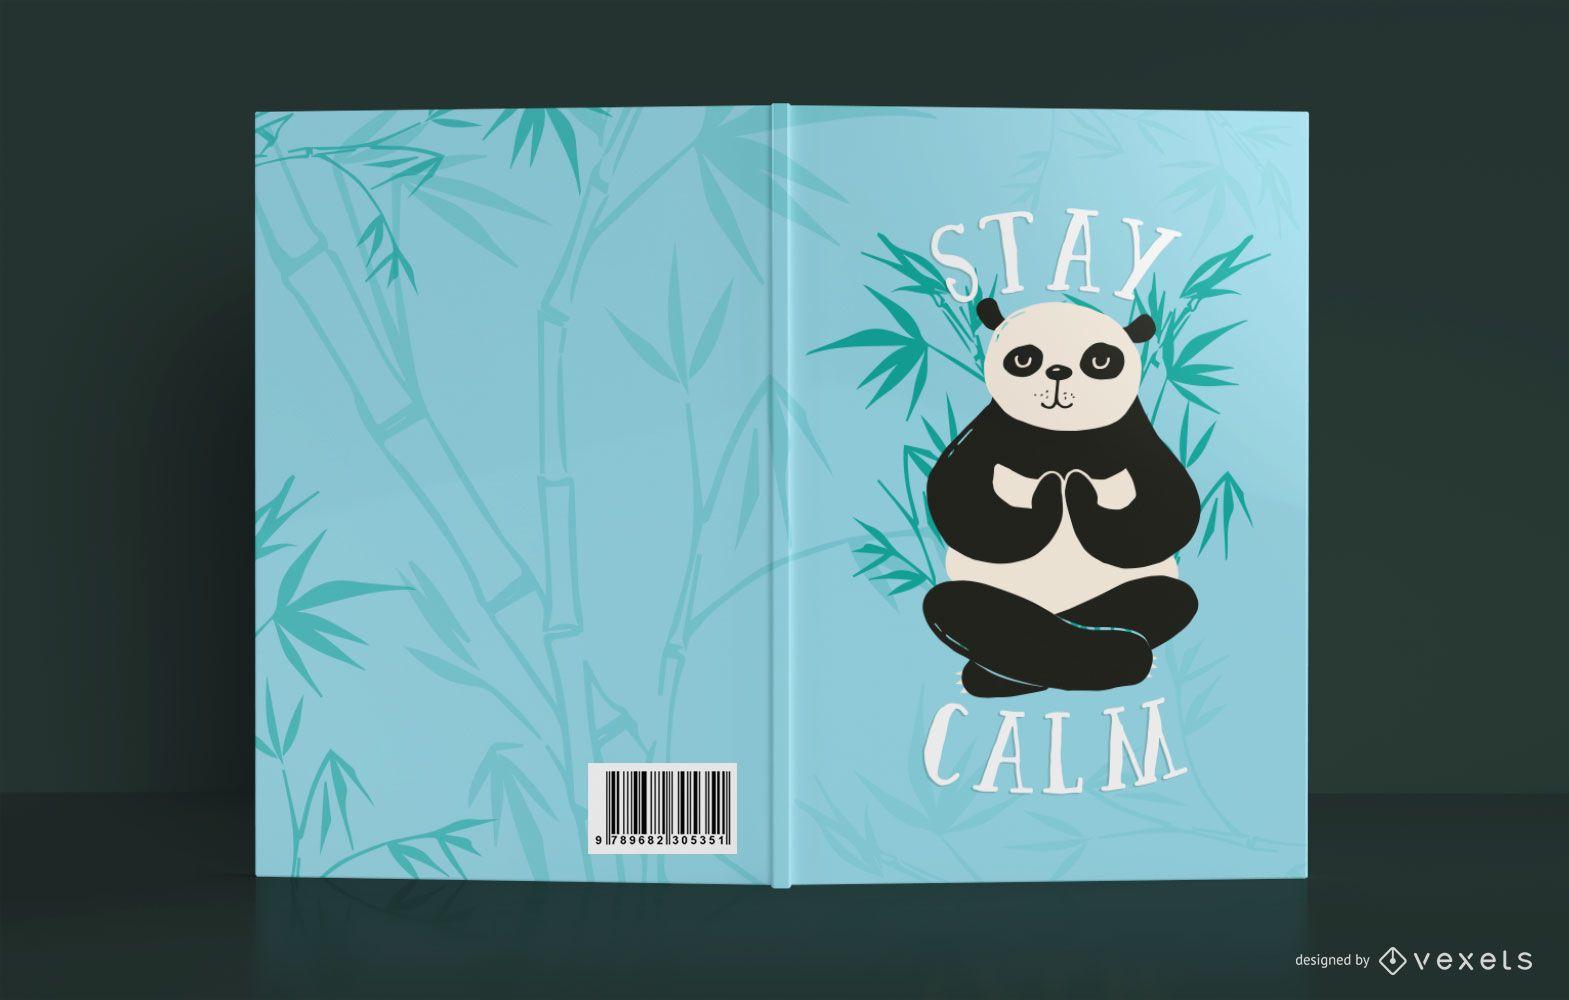 Stay Calm Book Cover Design